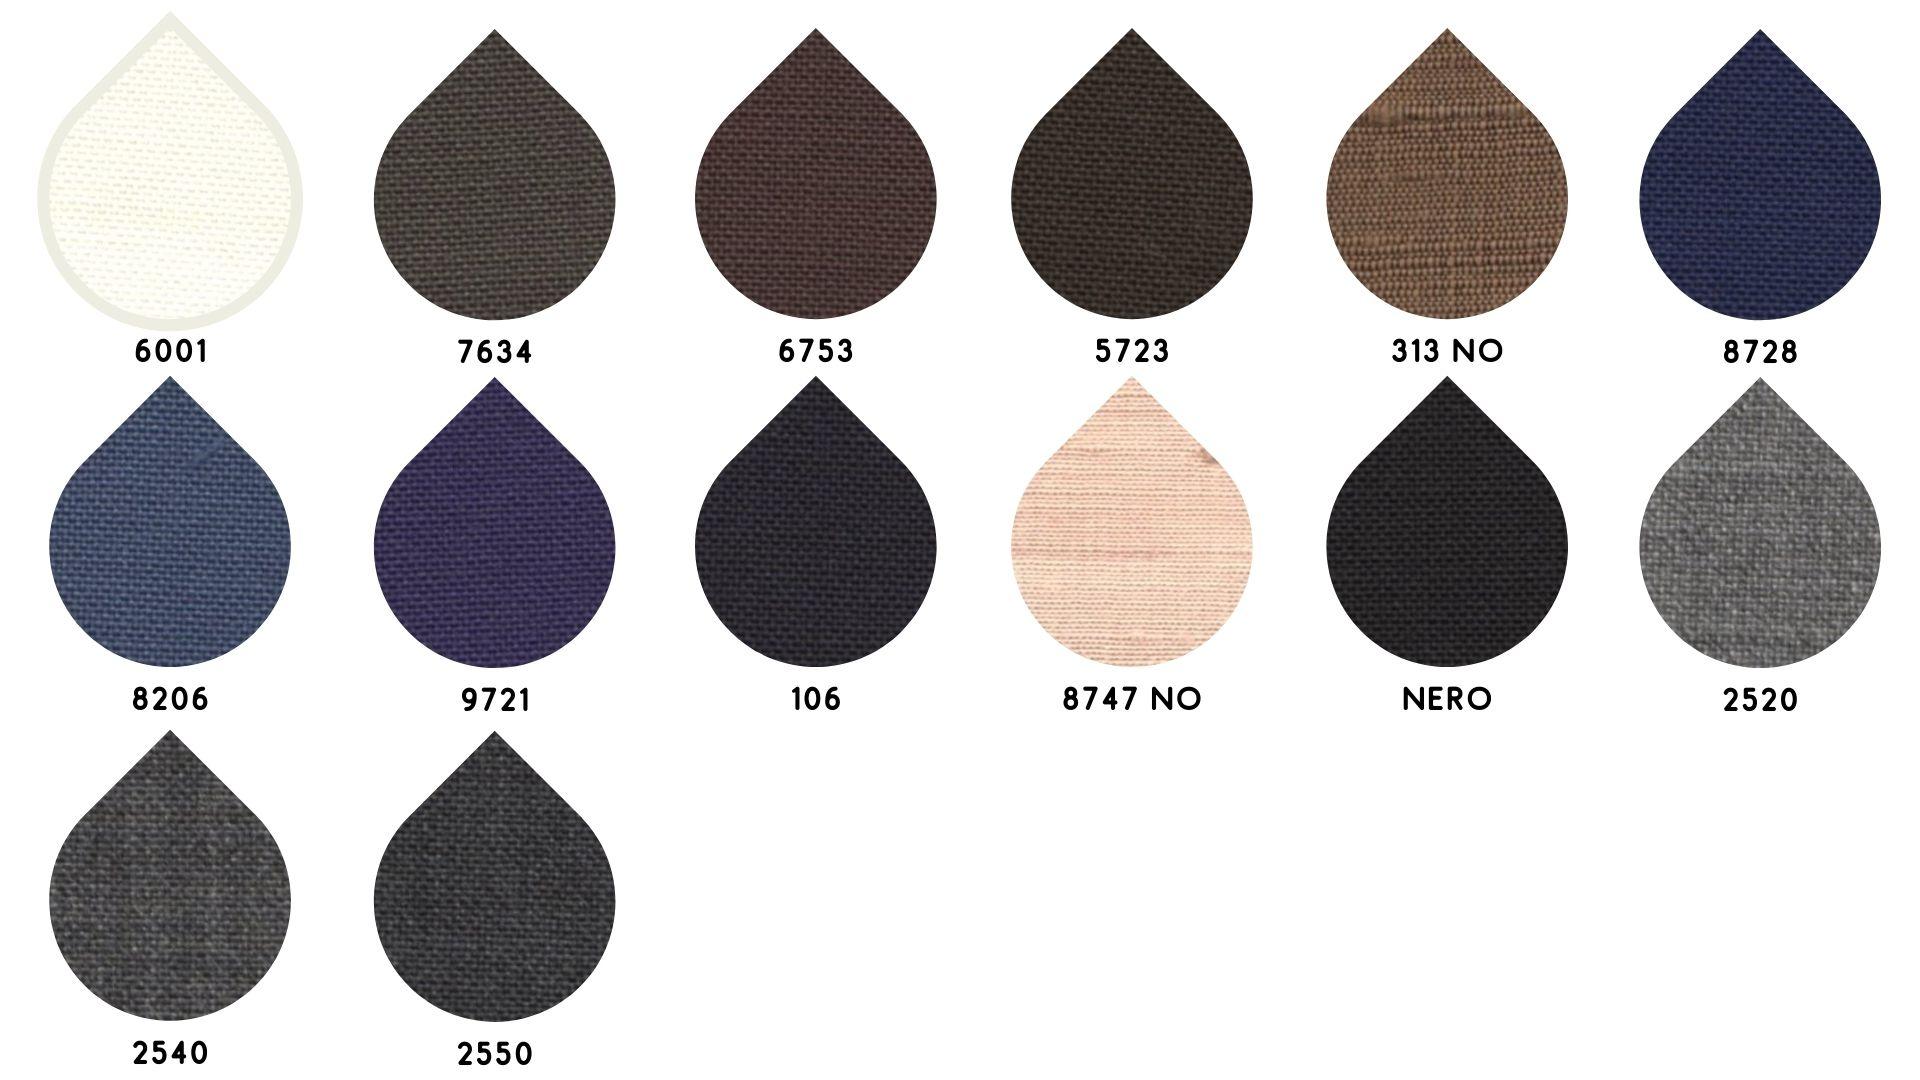 la cartella colore del tessuto 9102 di Leadford & Logan